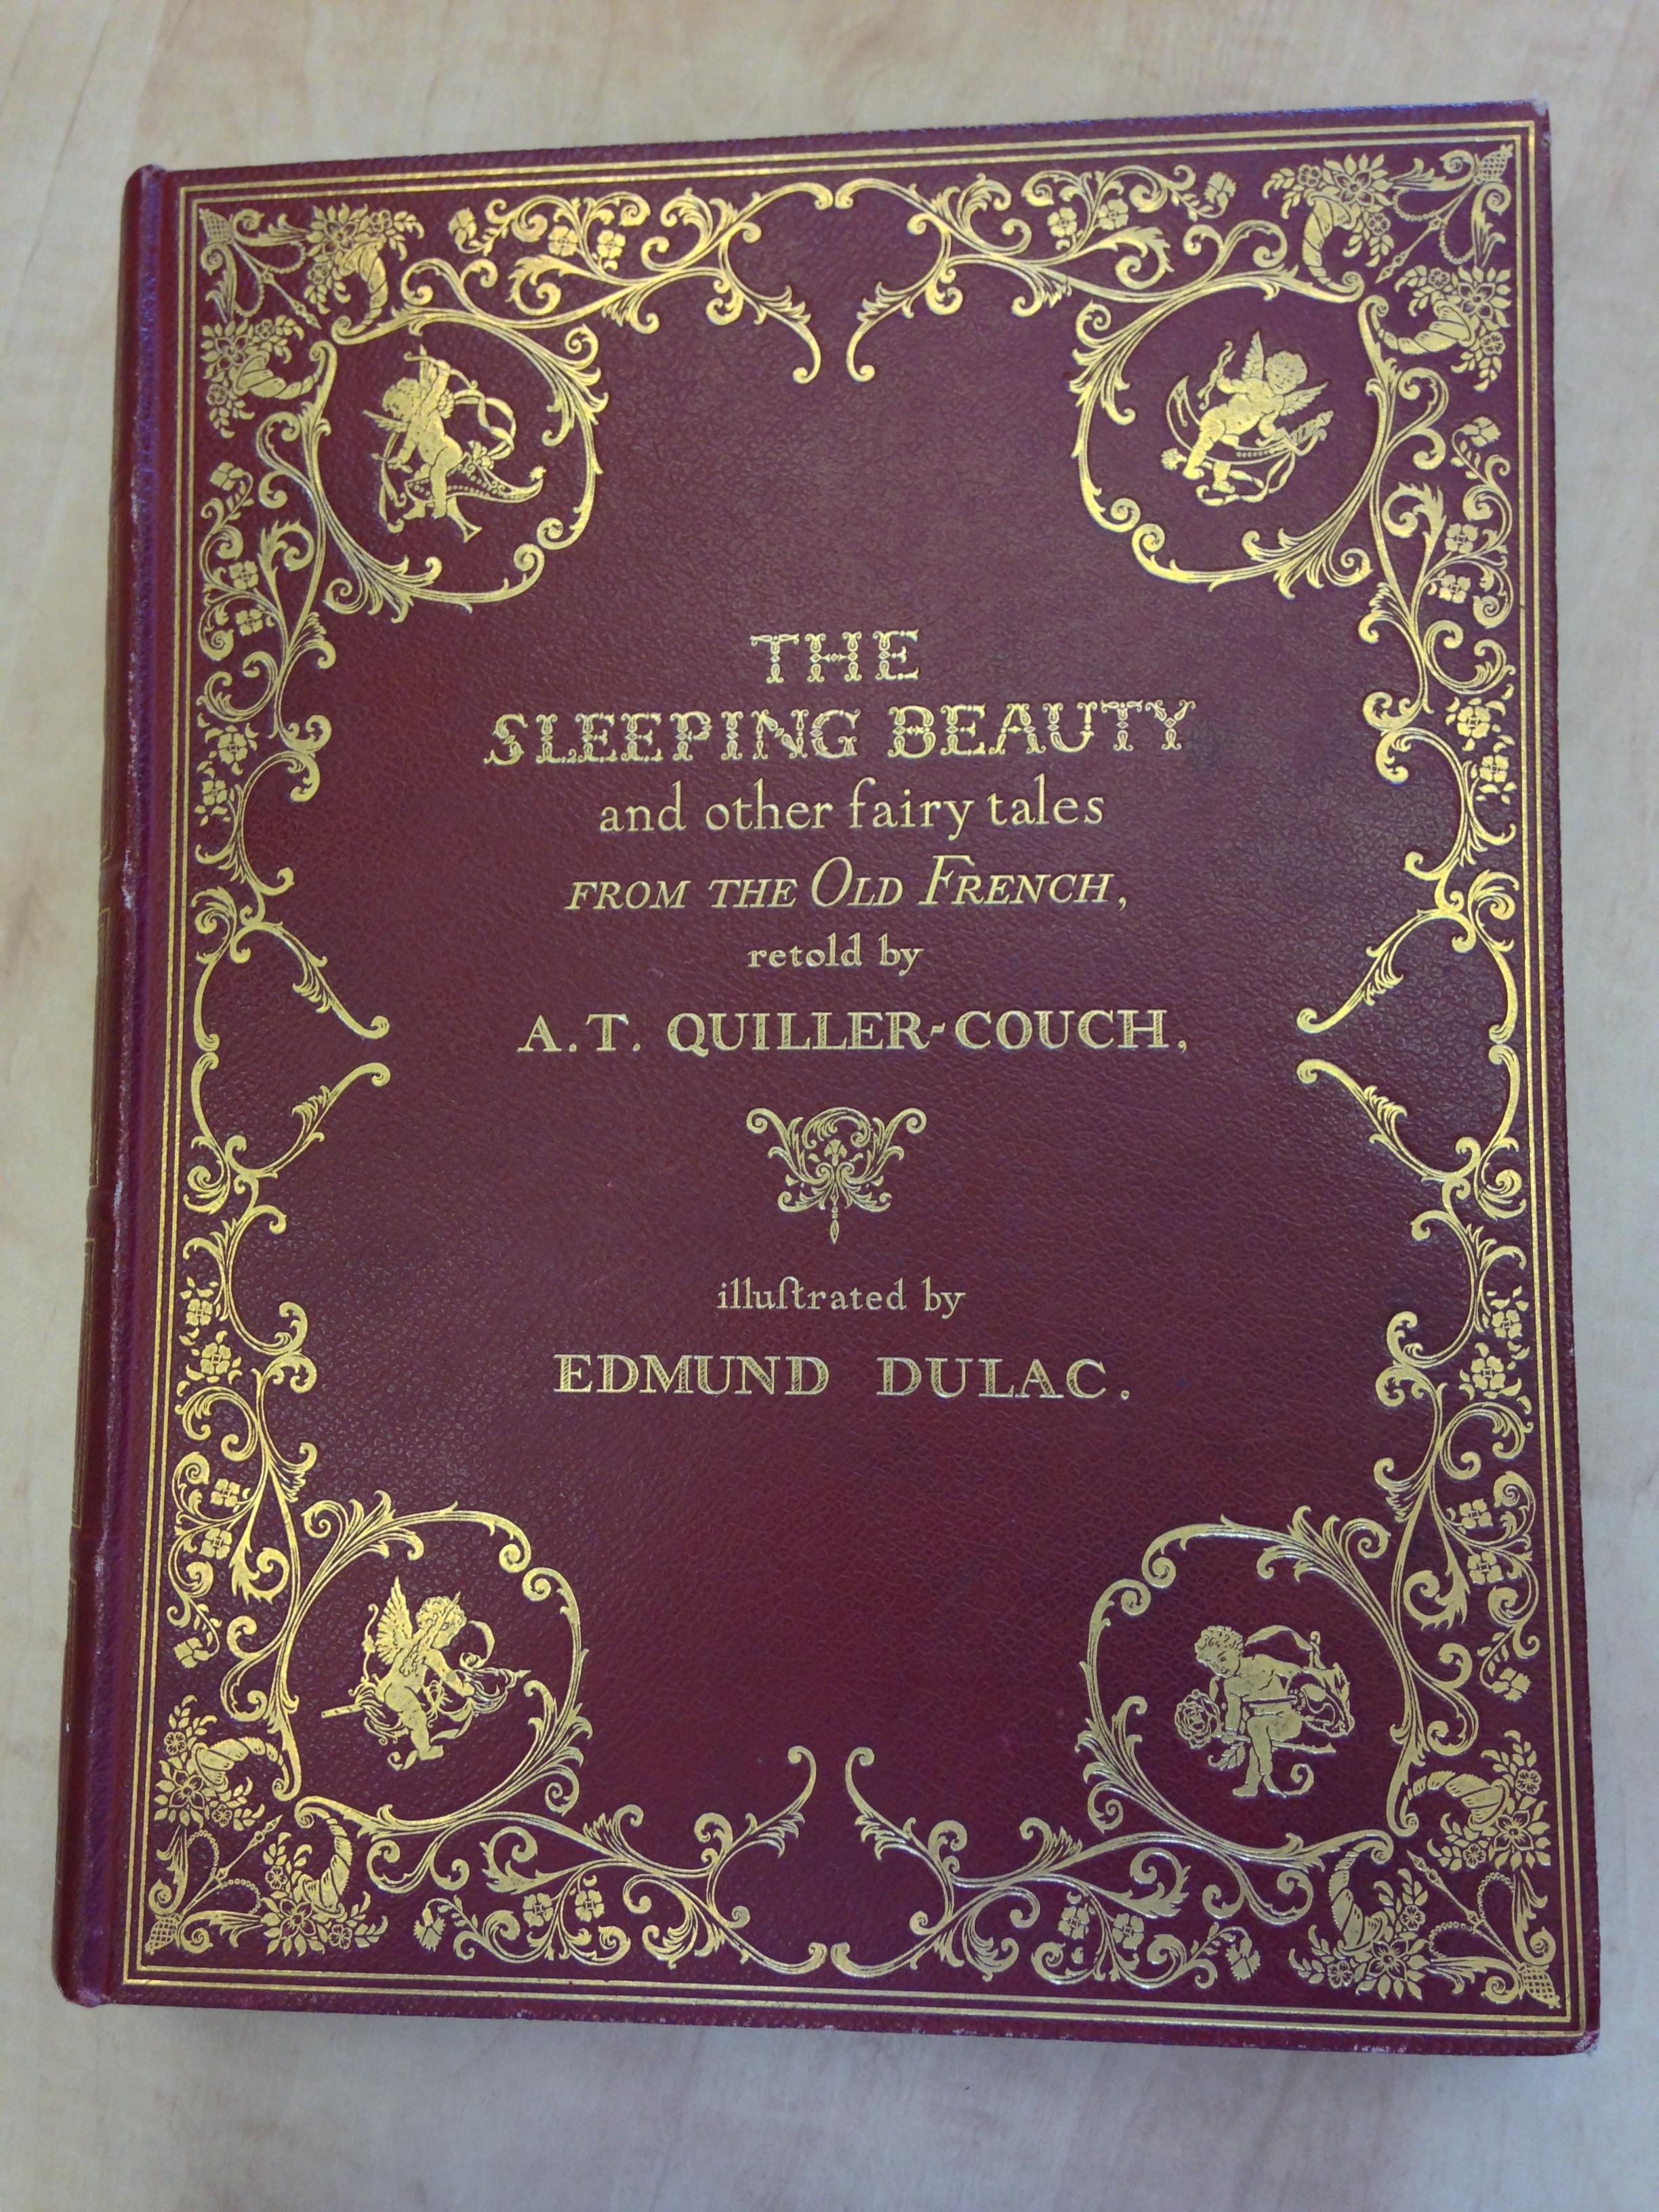 Binding of The Sleeping Beauty